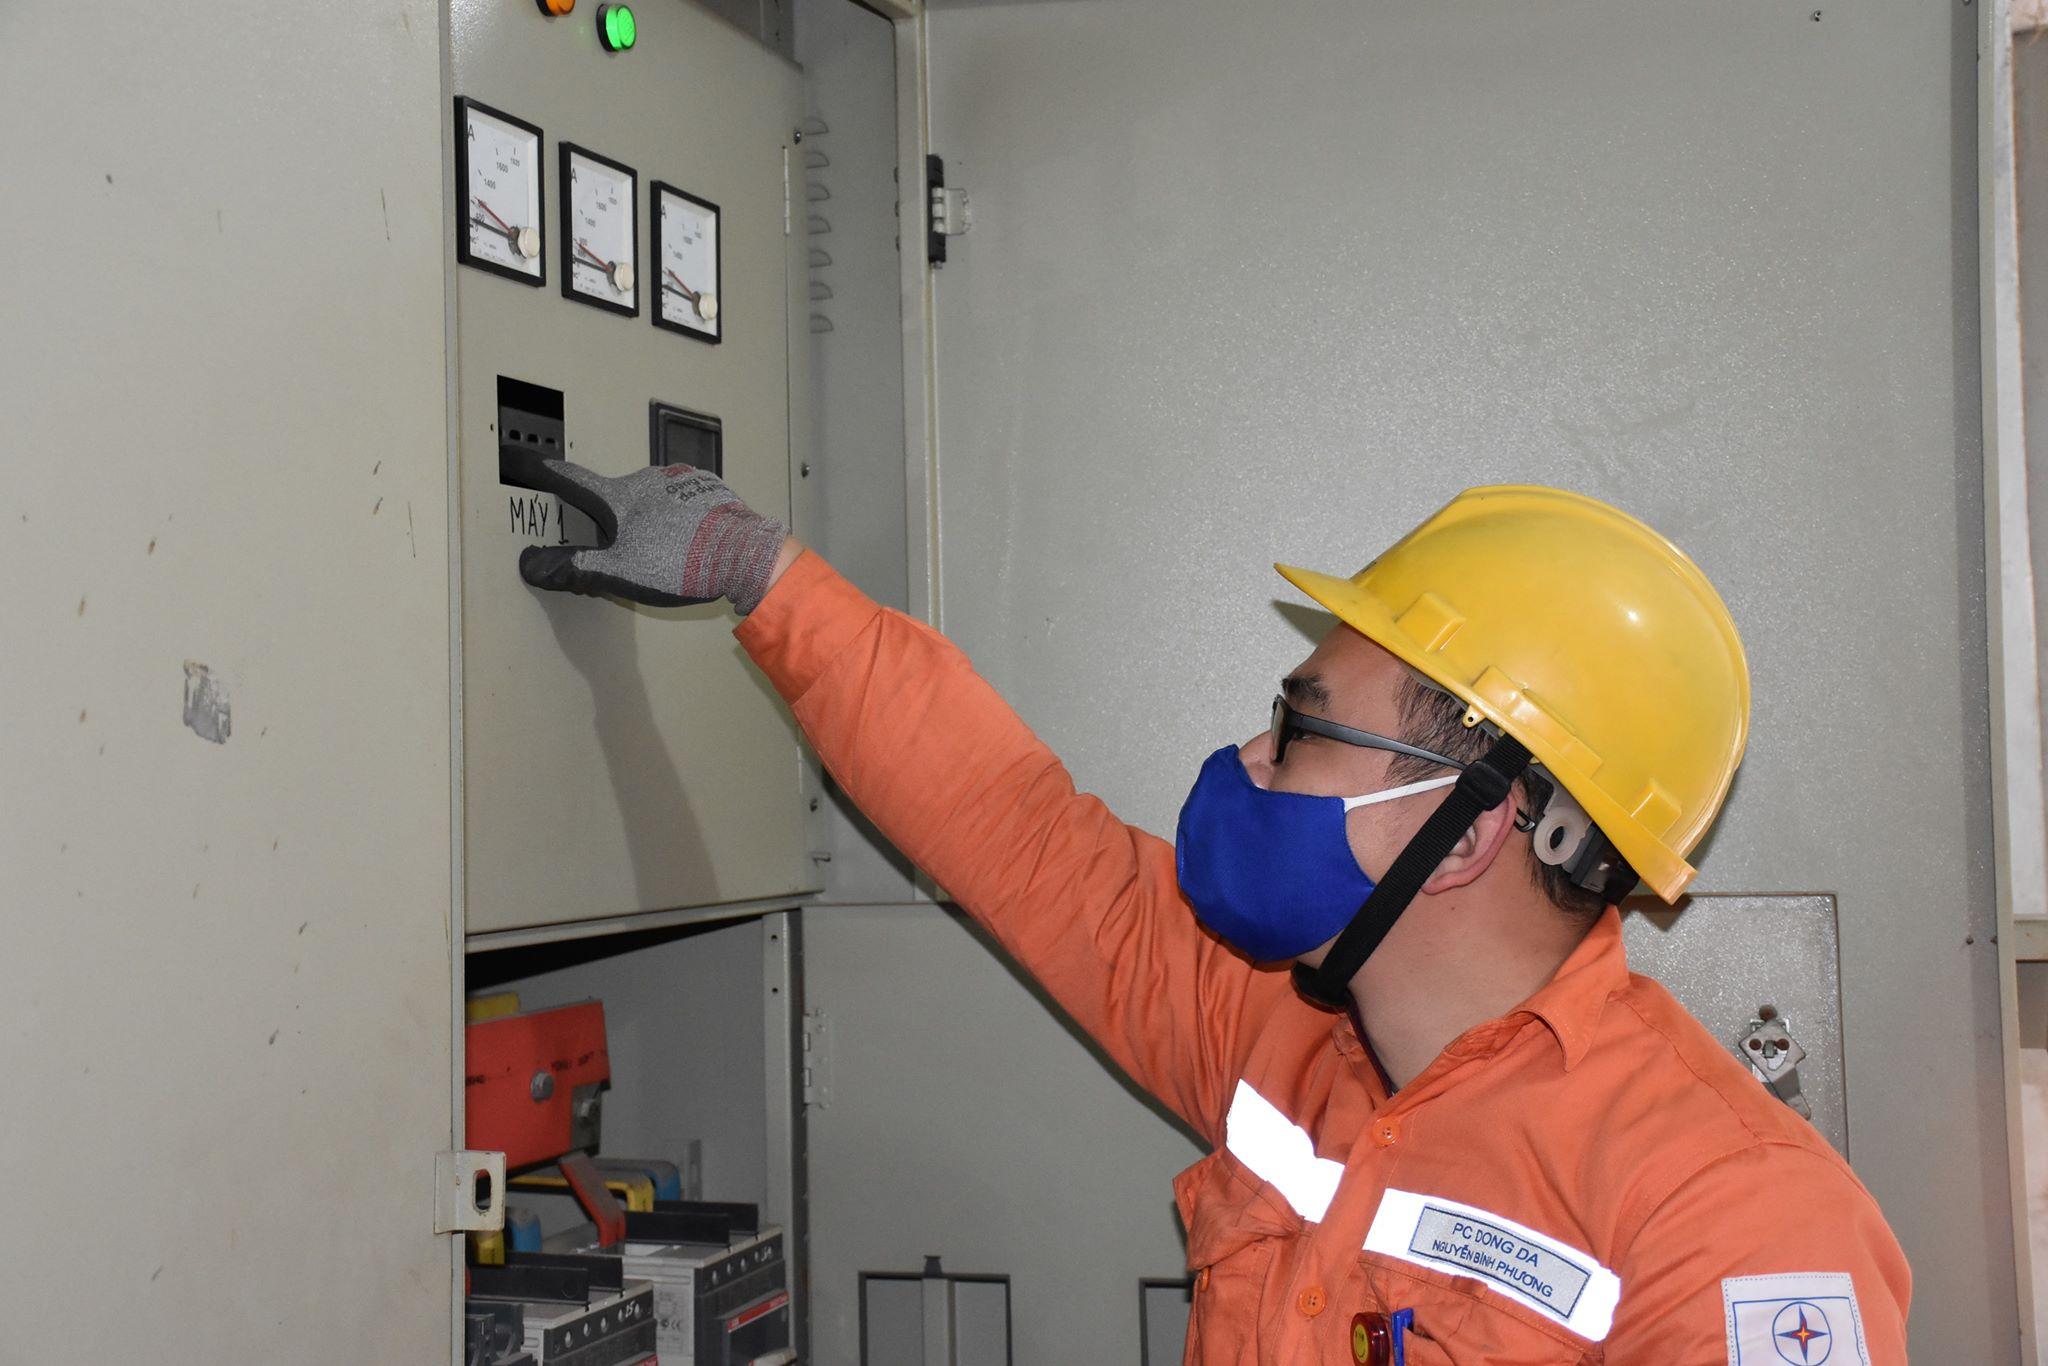 Bộ Công Thương đưa đề xuất mới về cơ cấu biểu giá bán lẻ điện sinh hoạt  - Ảnh 1.